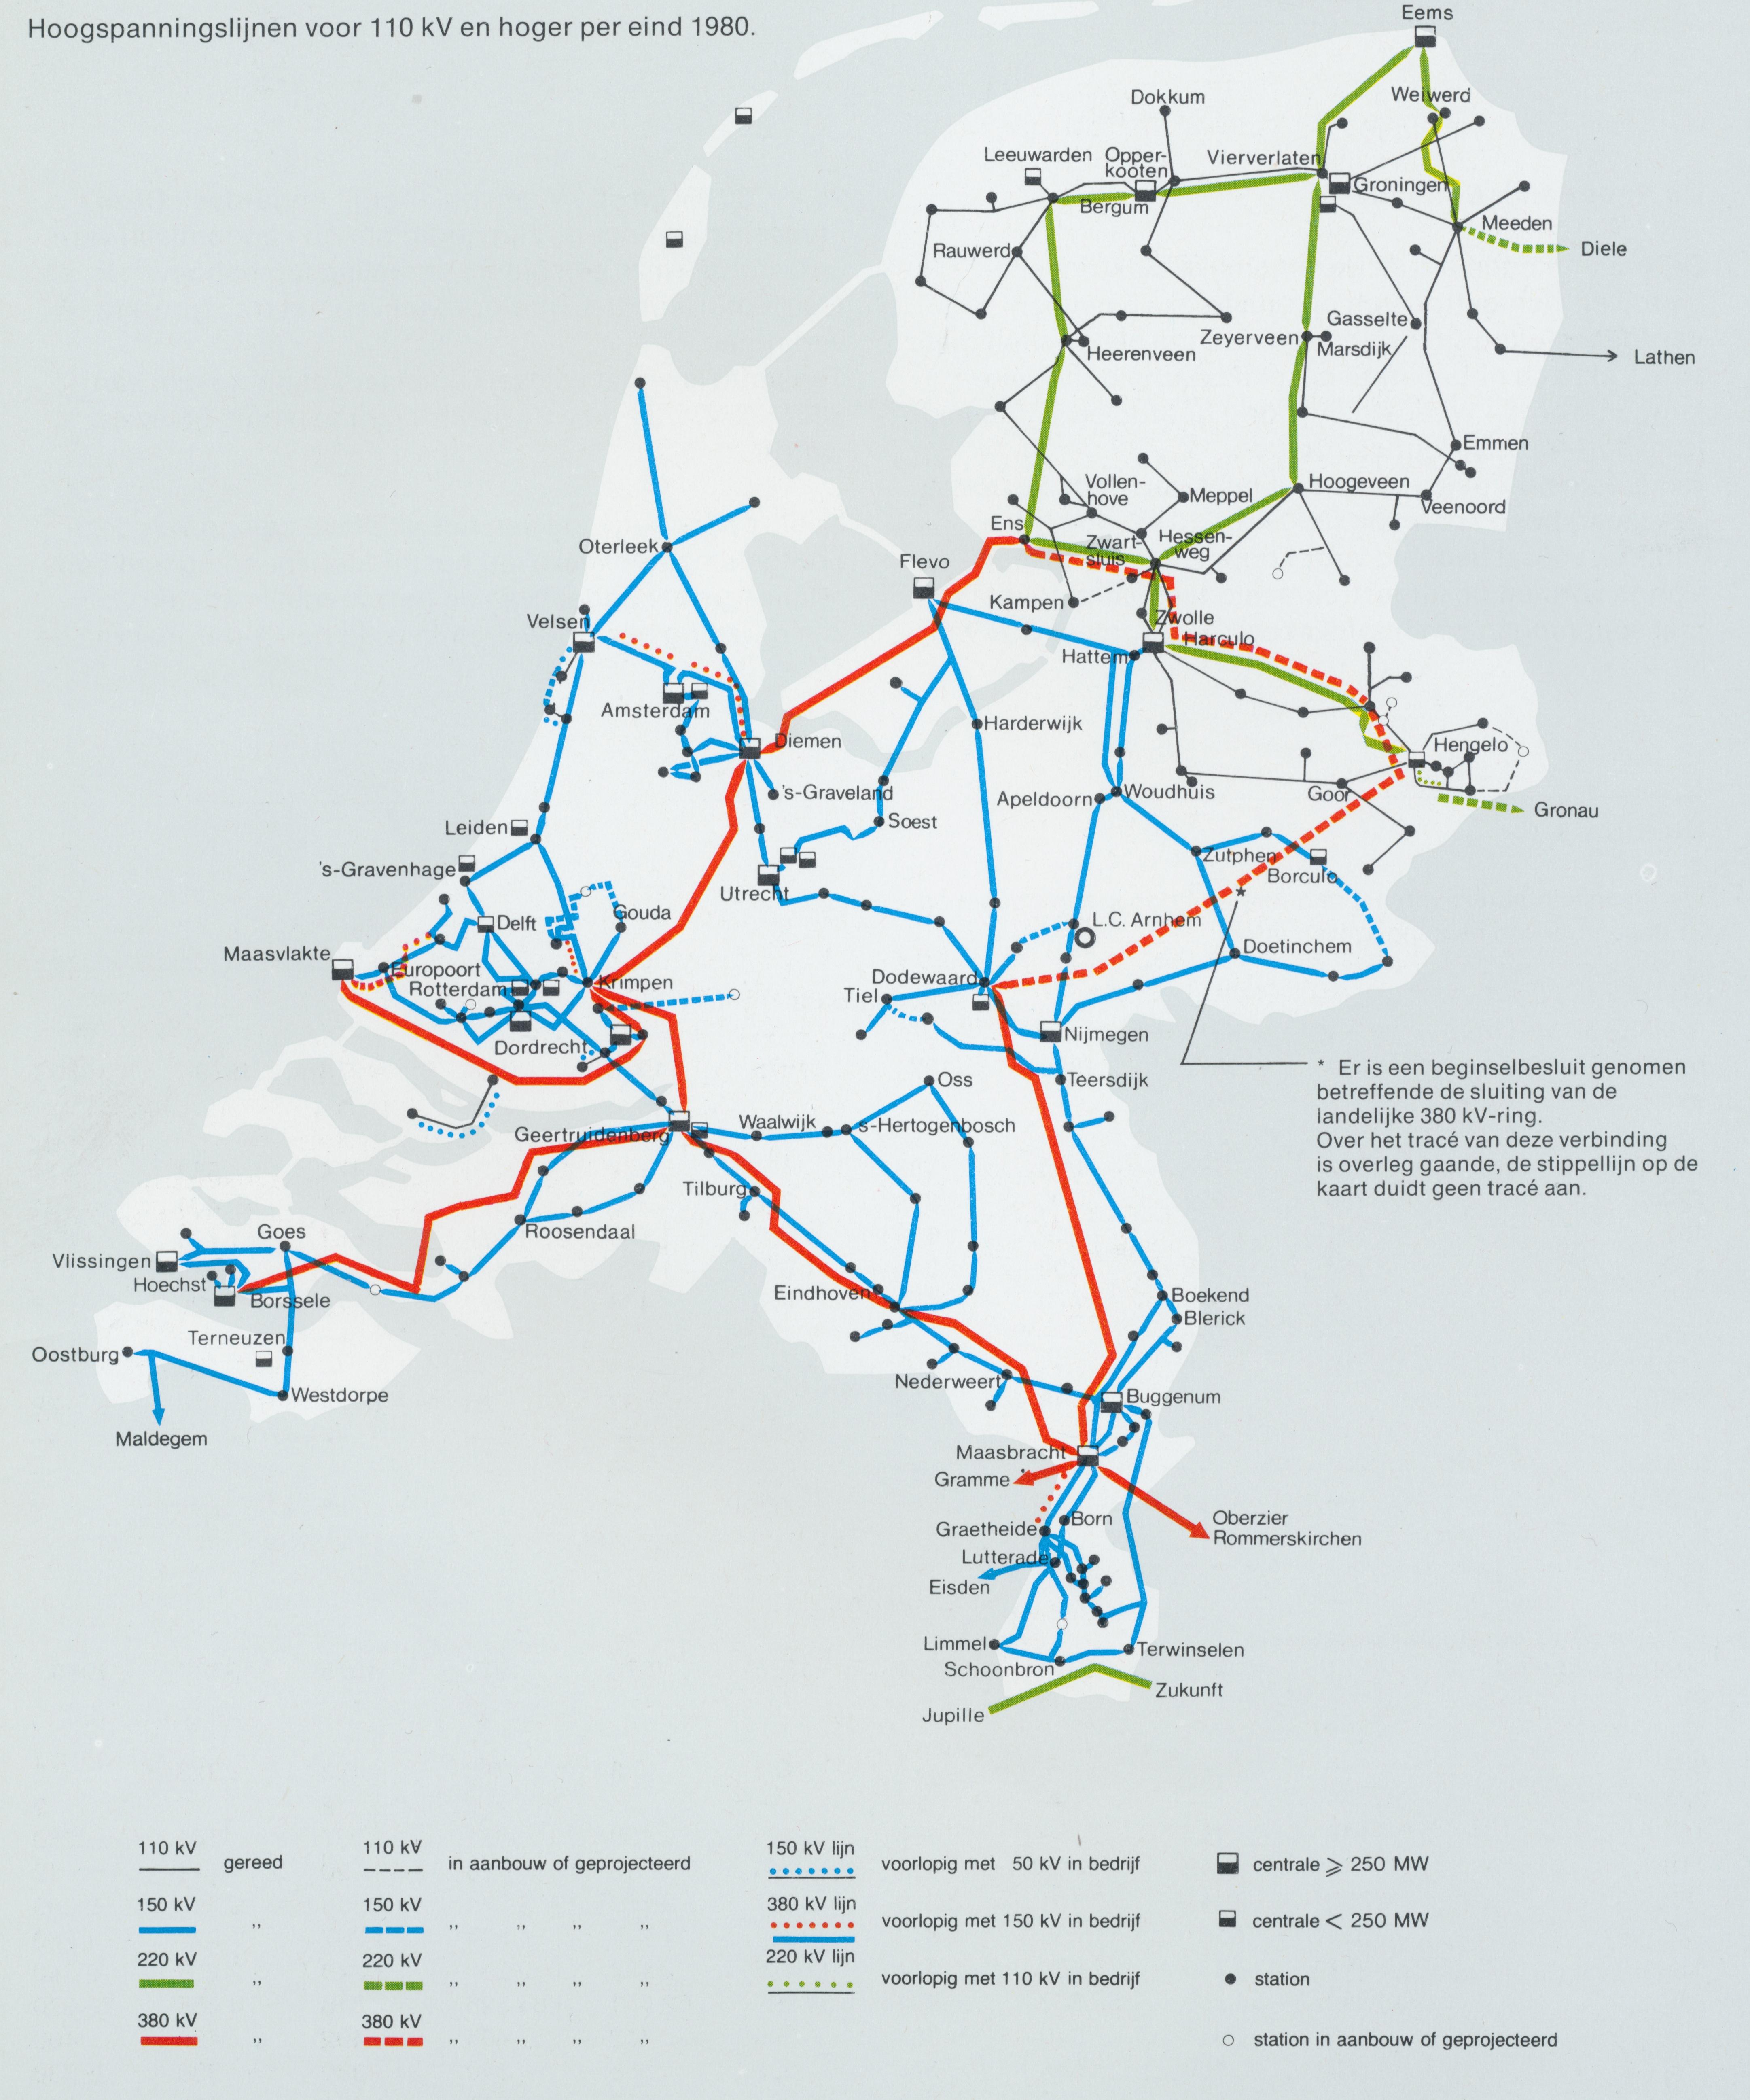 Netkaart van 1980